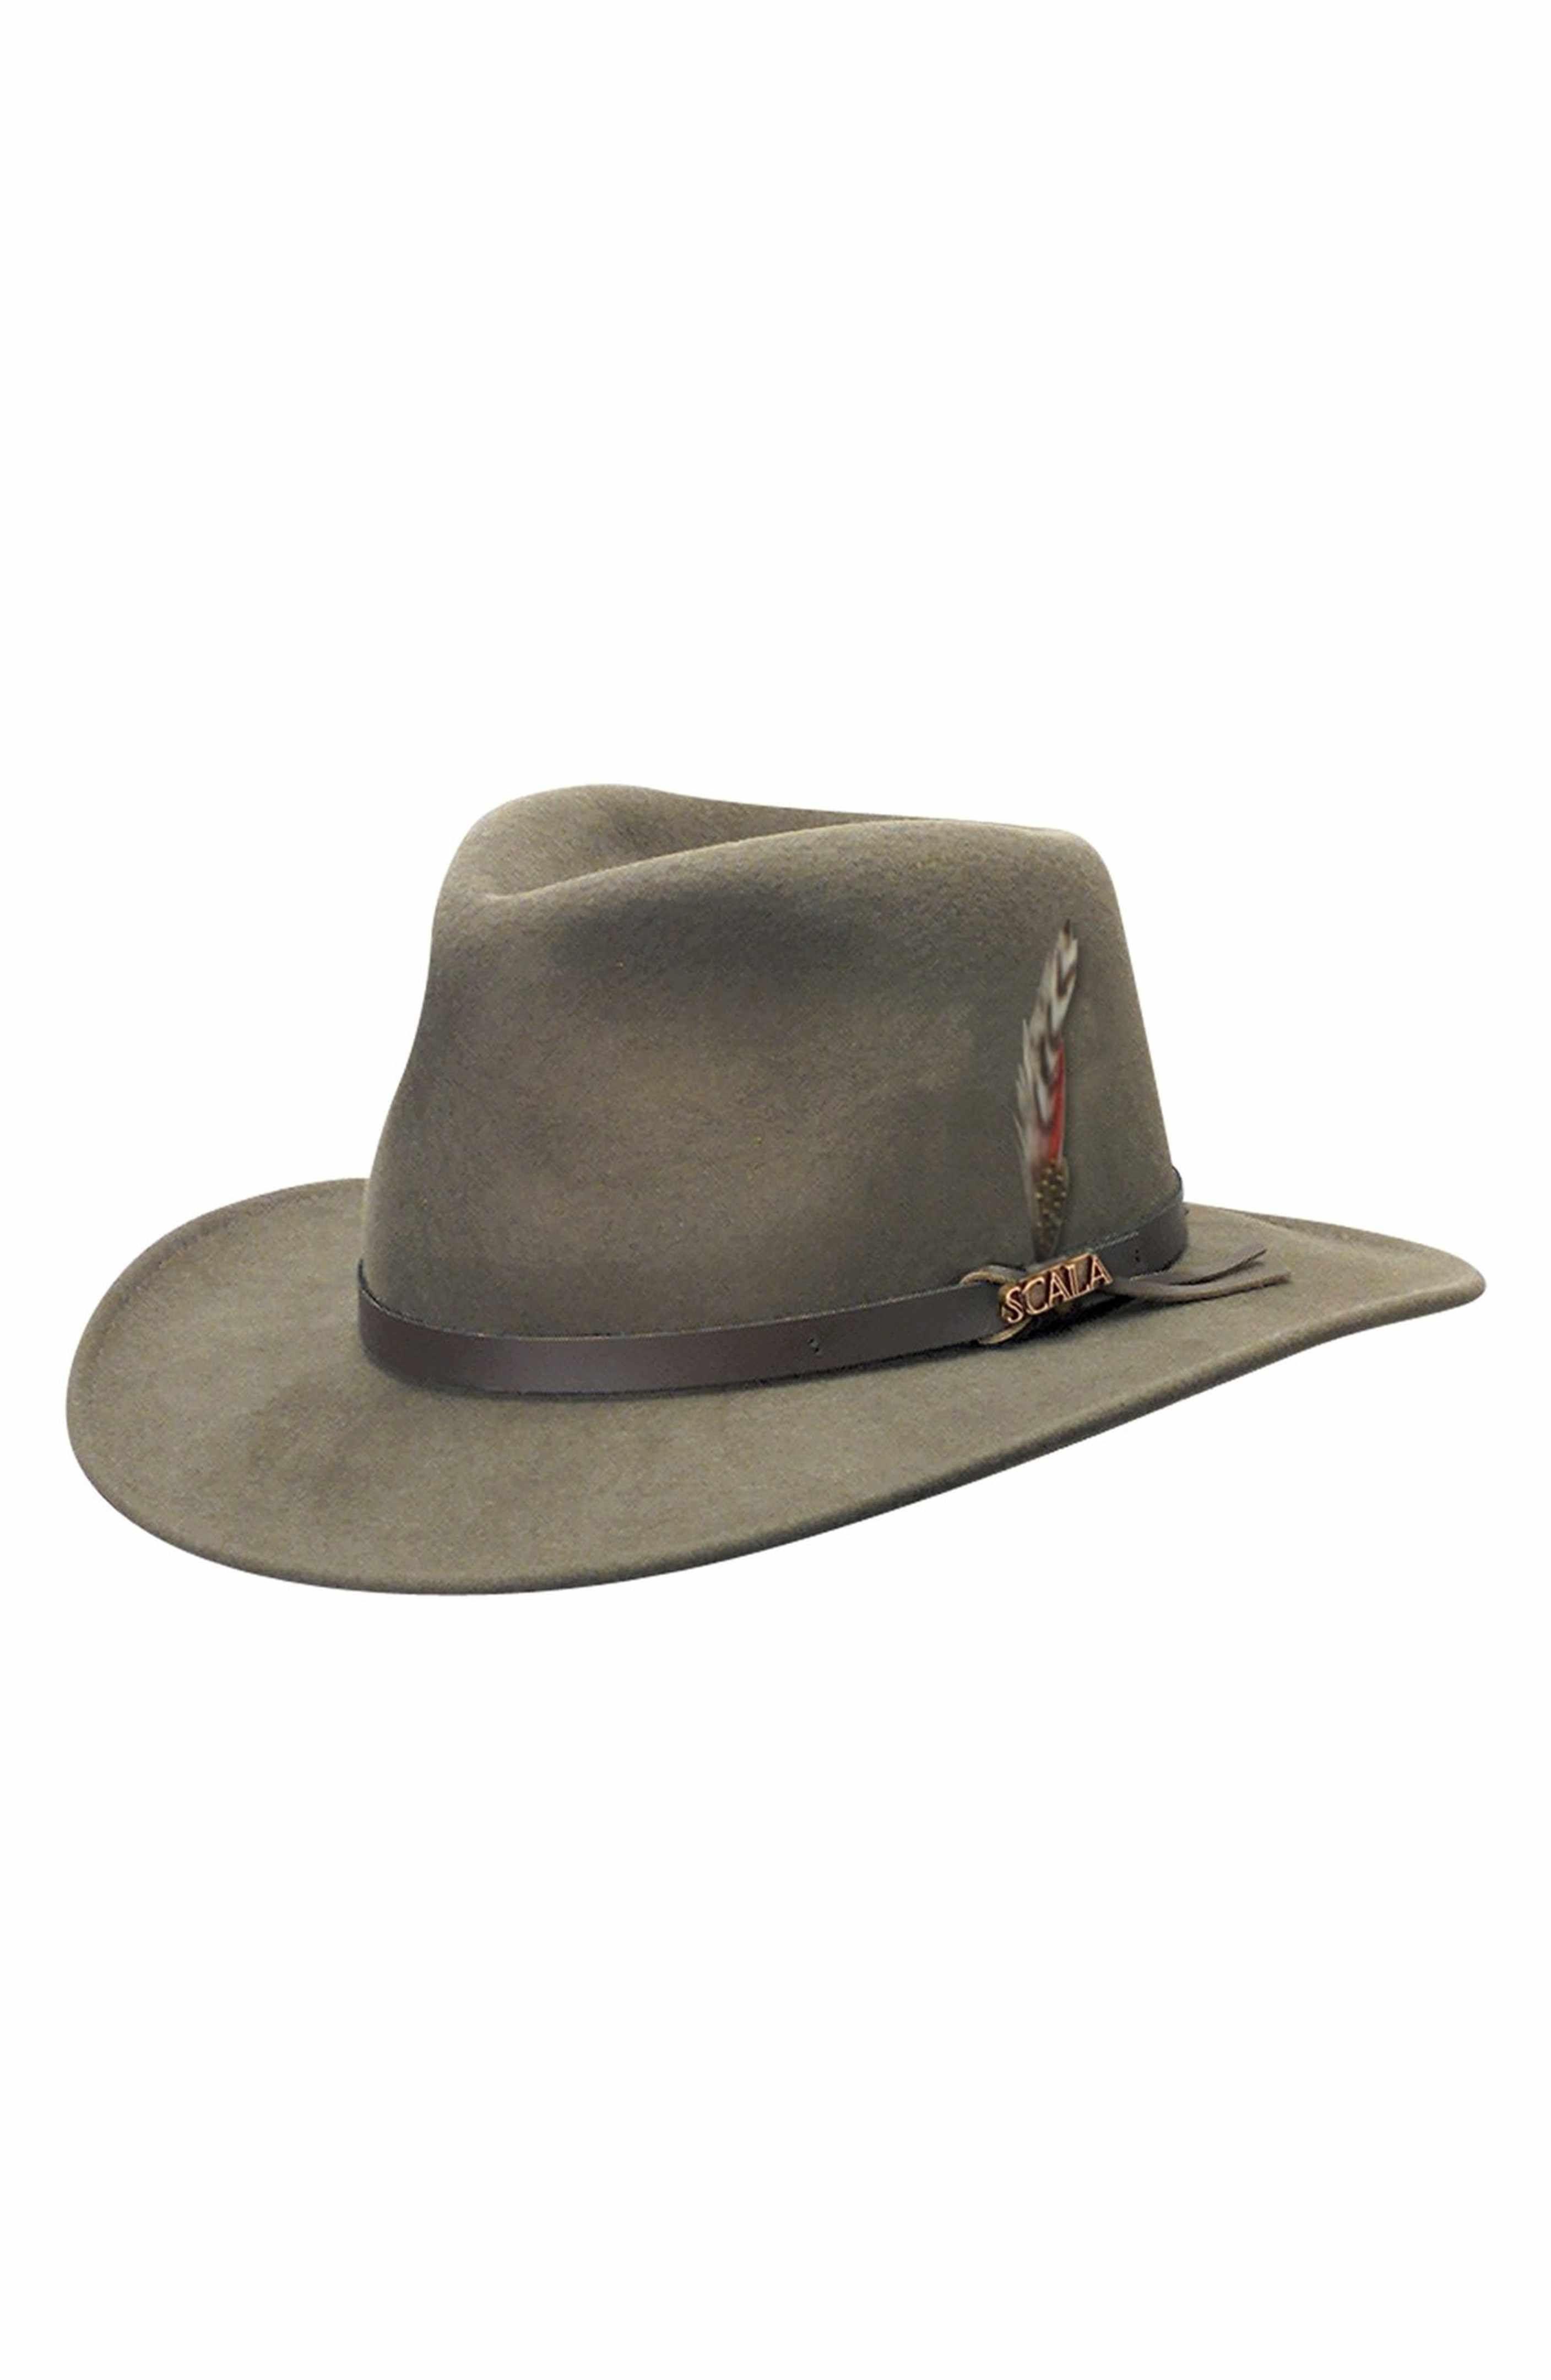 00c071afe19 Main Image - Scala  Classico  Crushable Felt Outback Hat